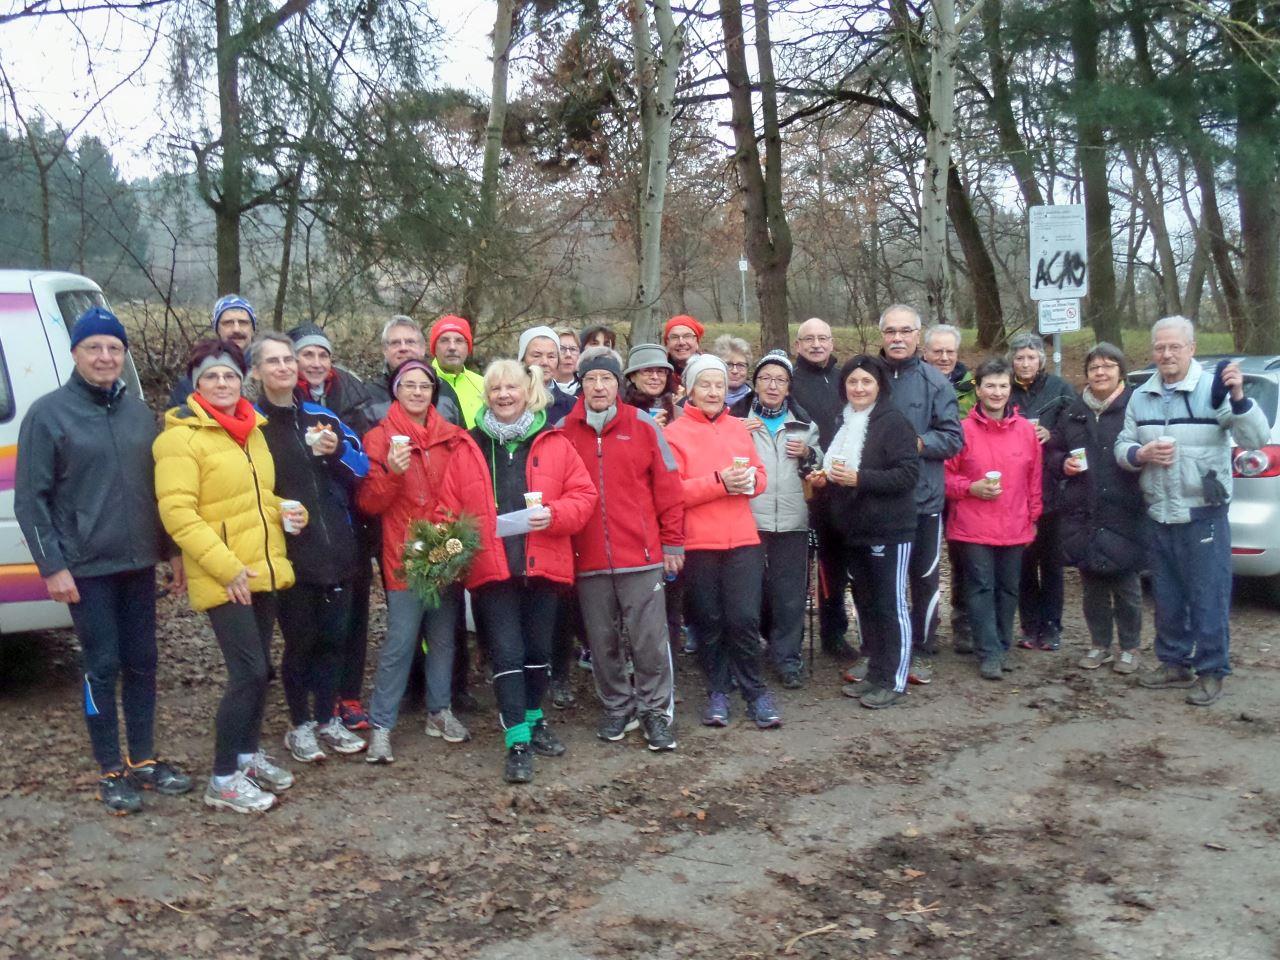 Abschluss des Lauftreffs des TV Schweinheim mit Glühwein und Knobelinchen